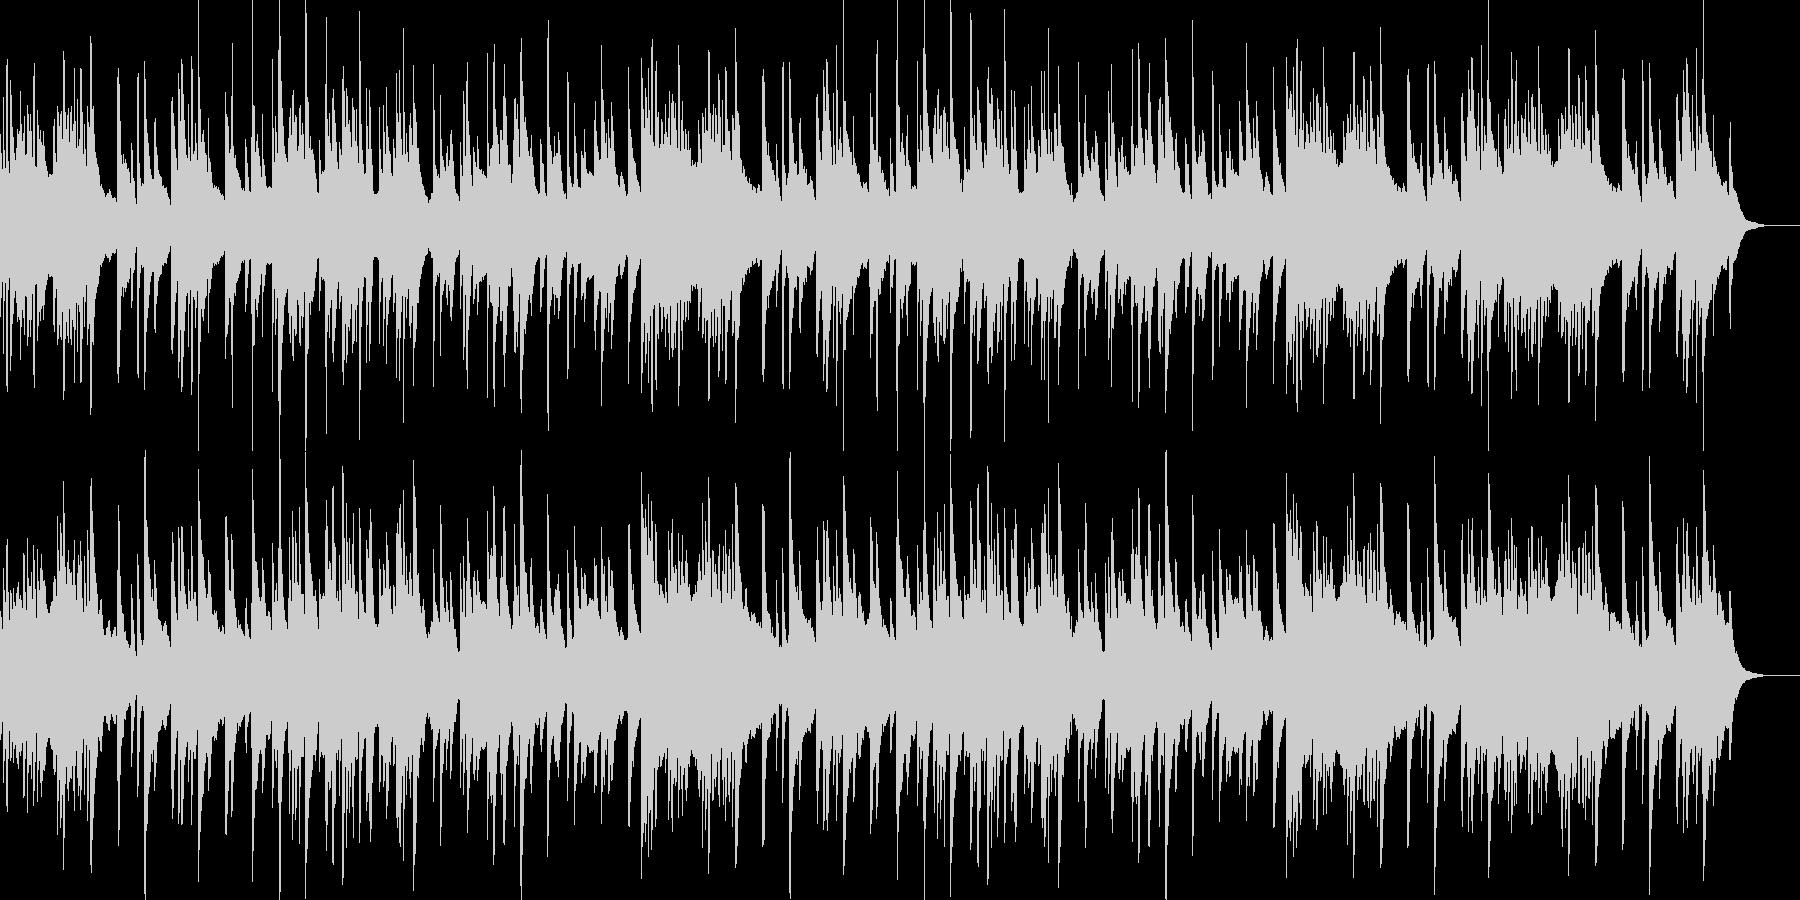 ハープの音色が美しい朝にぴったりな曲の未再生の波形